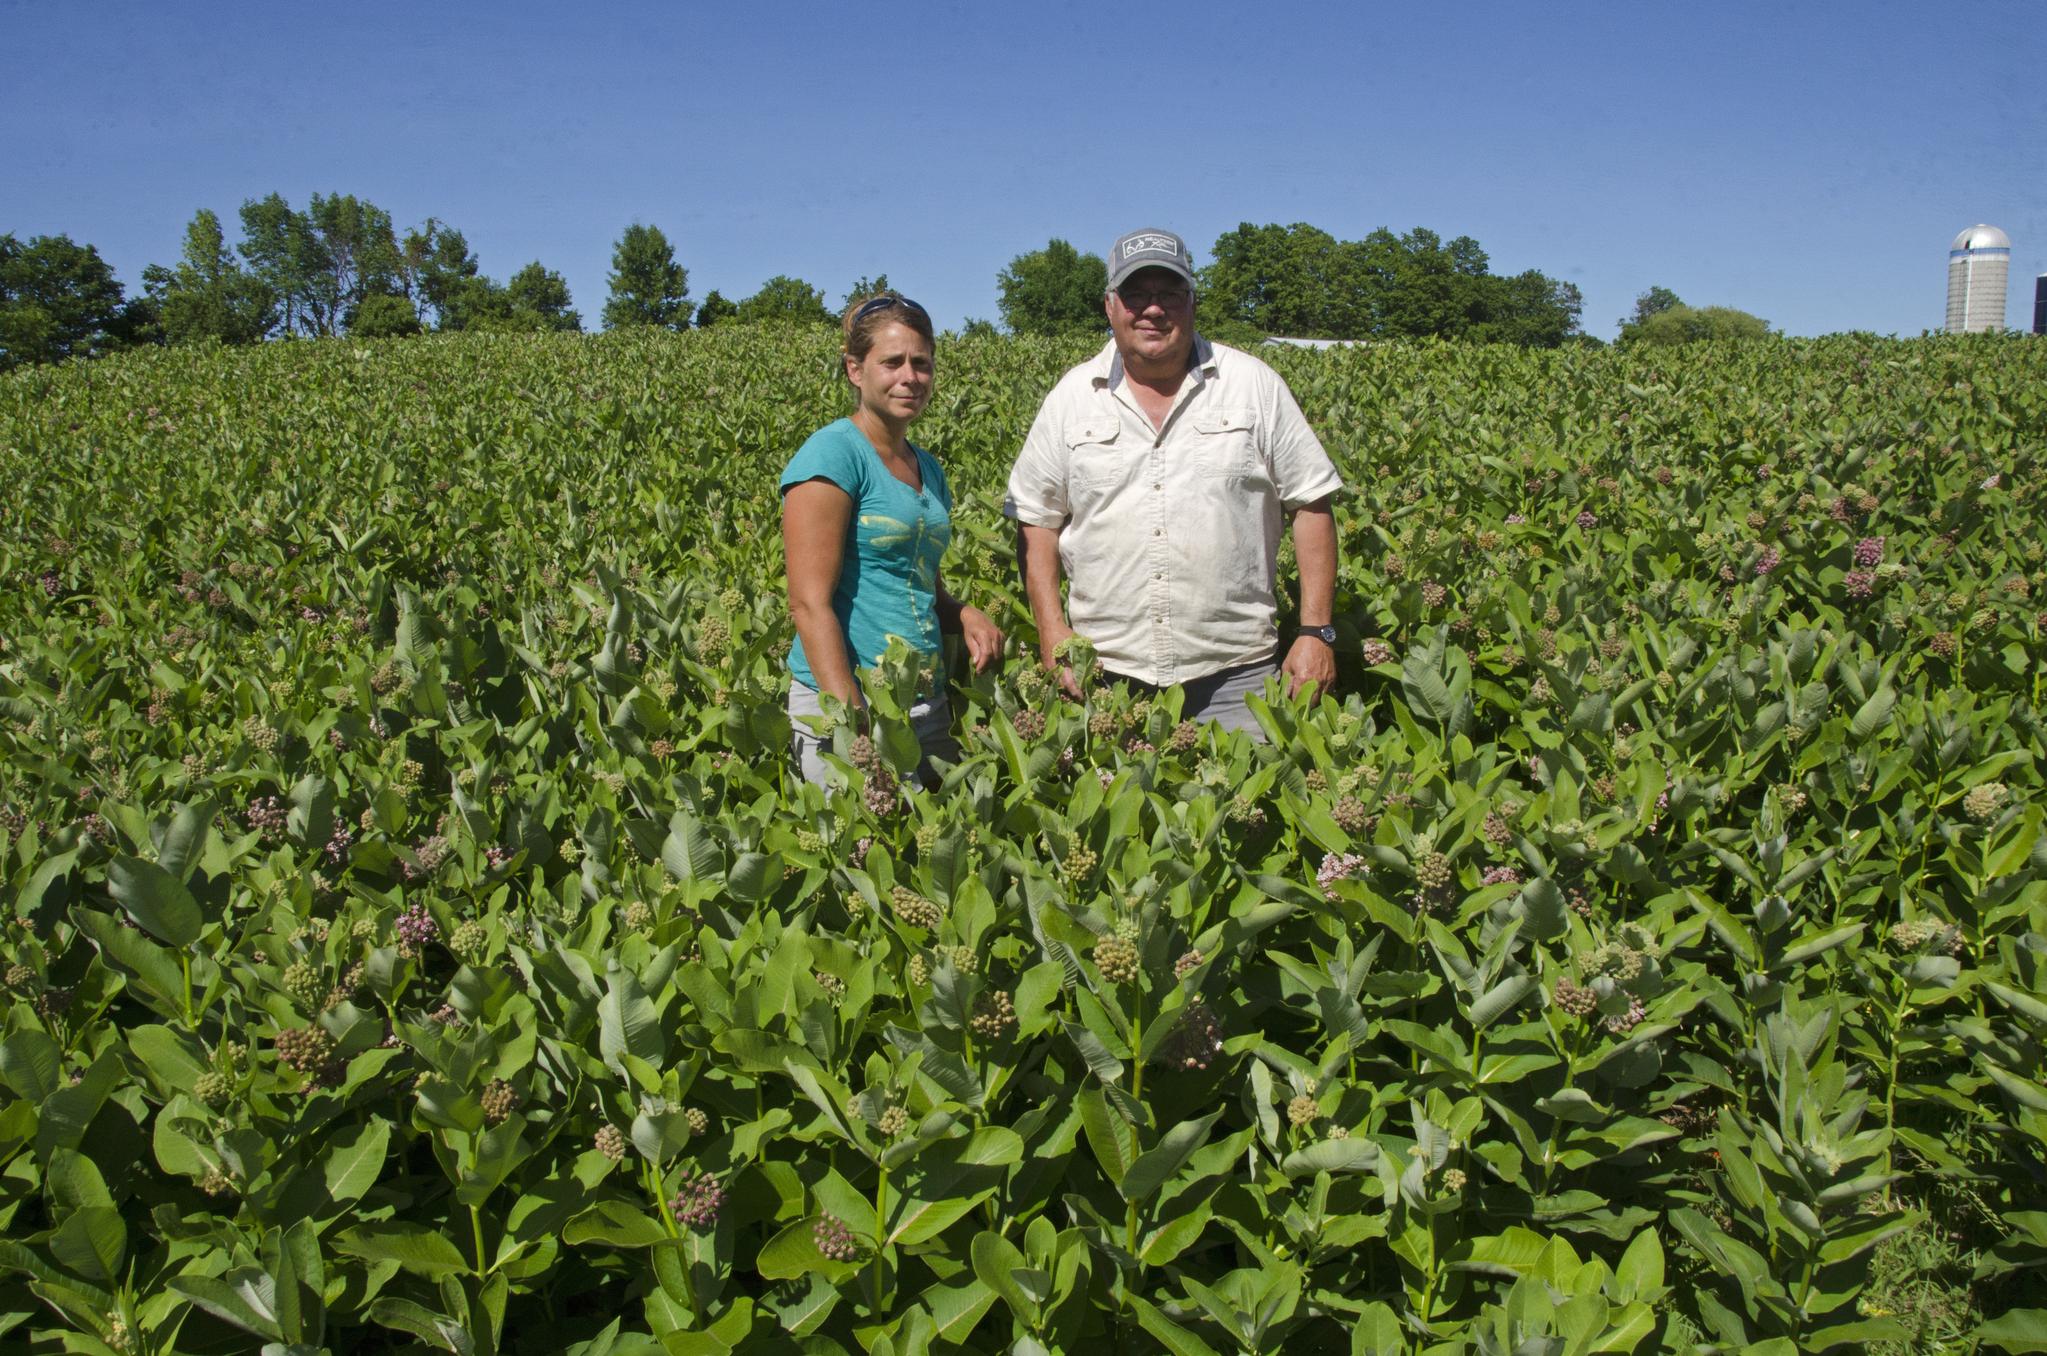 모나크나비를 보호하기 위해 먹이 식물을 기르는 미국 버몬트 주 농민들. [AP=연합뉴스]